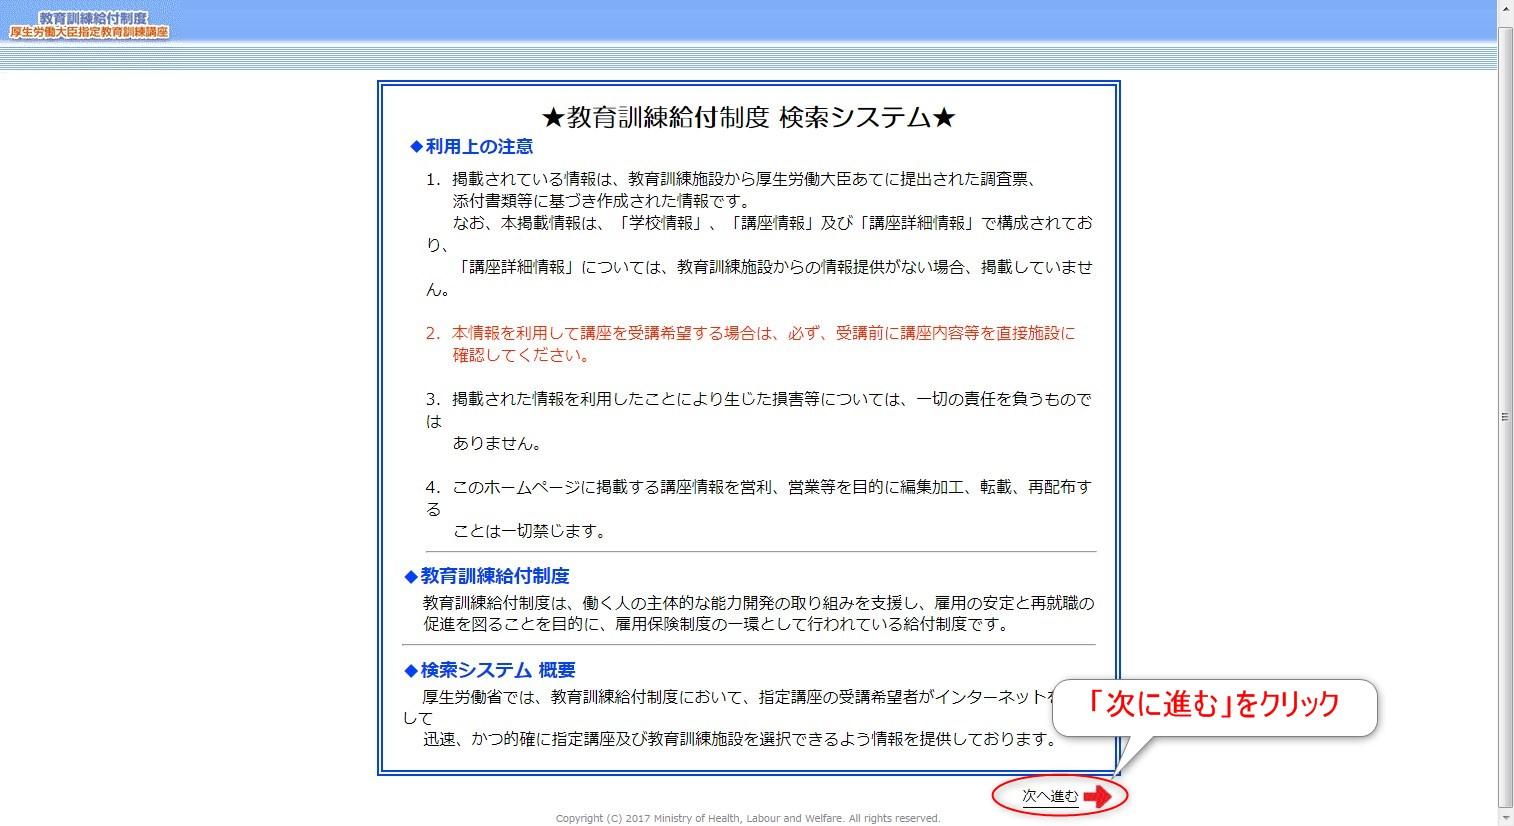 12-04-02_大型二種免許の検索方法